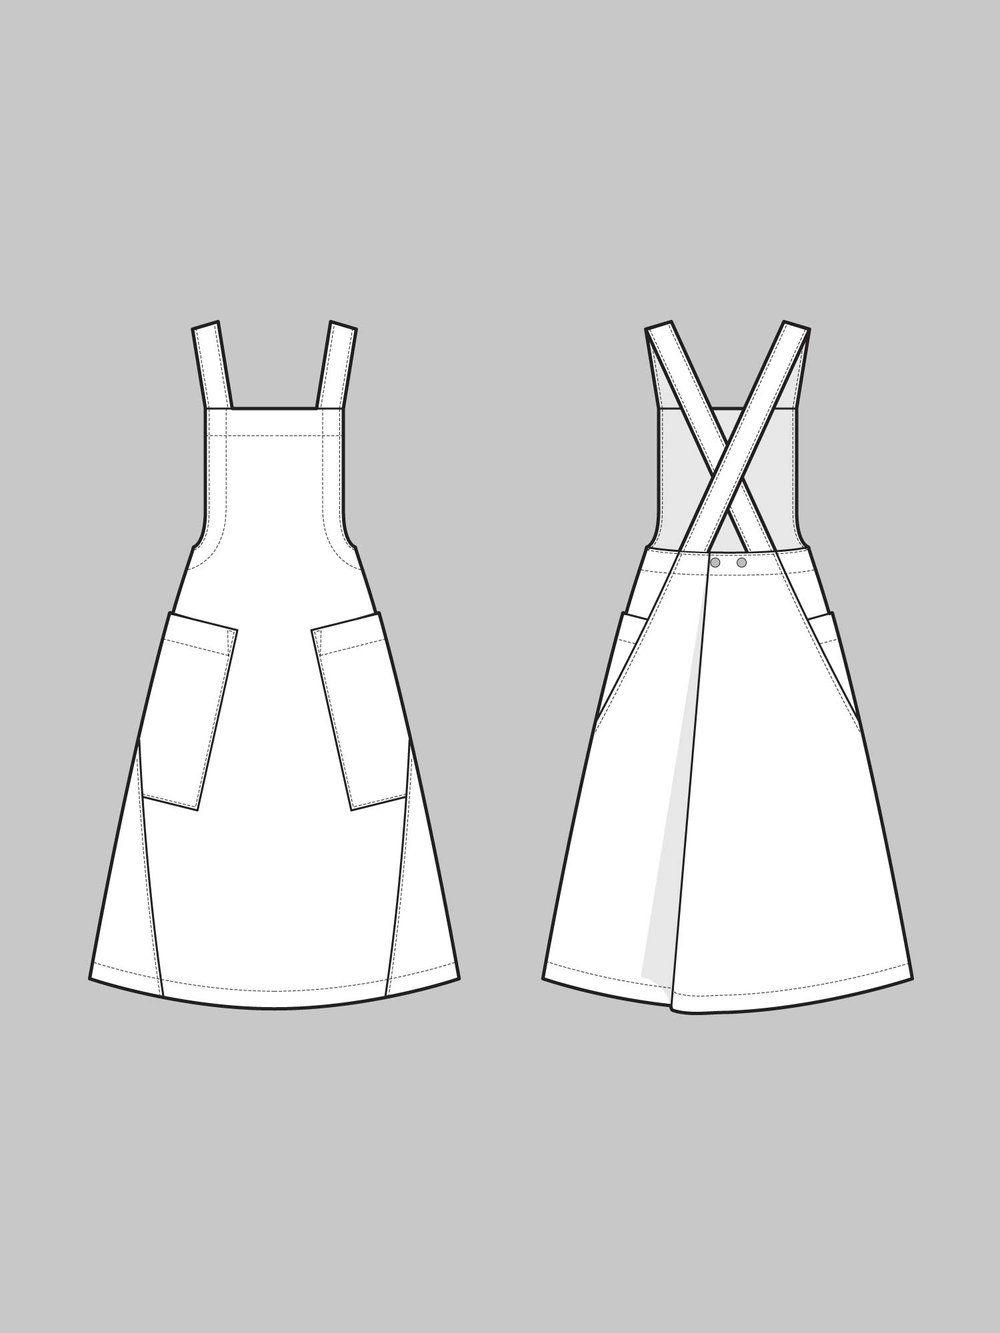 Apron dress pattern | Sewing Machine and Hand | Pinterest | Costura ...